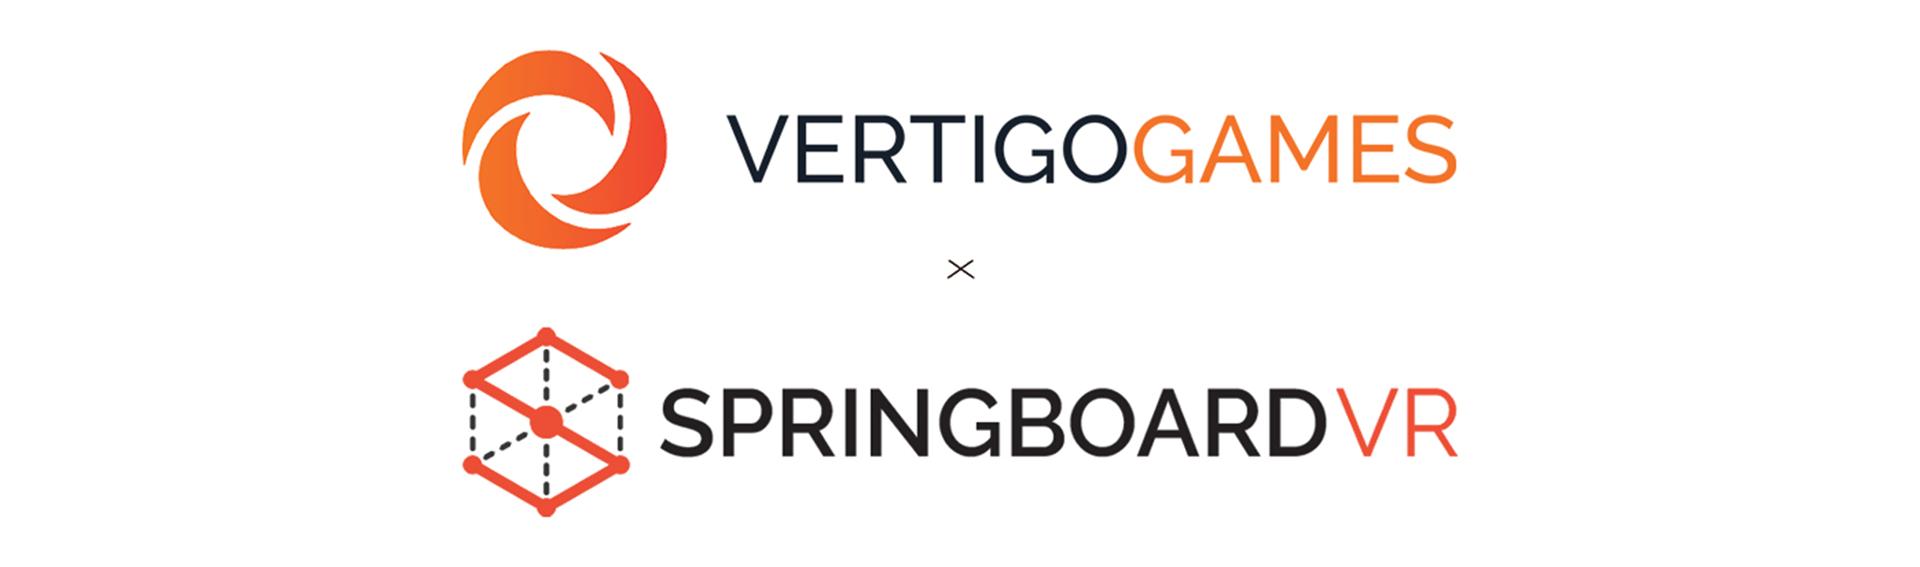 Vertigo Games and Springboard VR